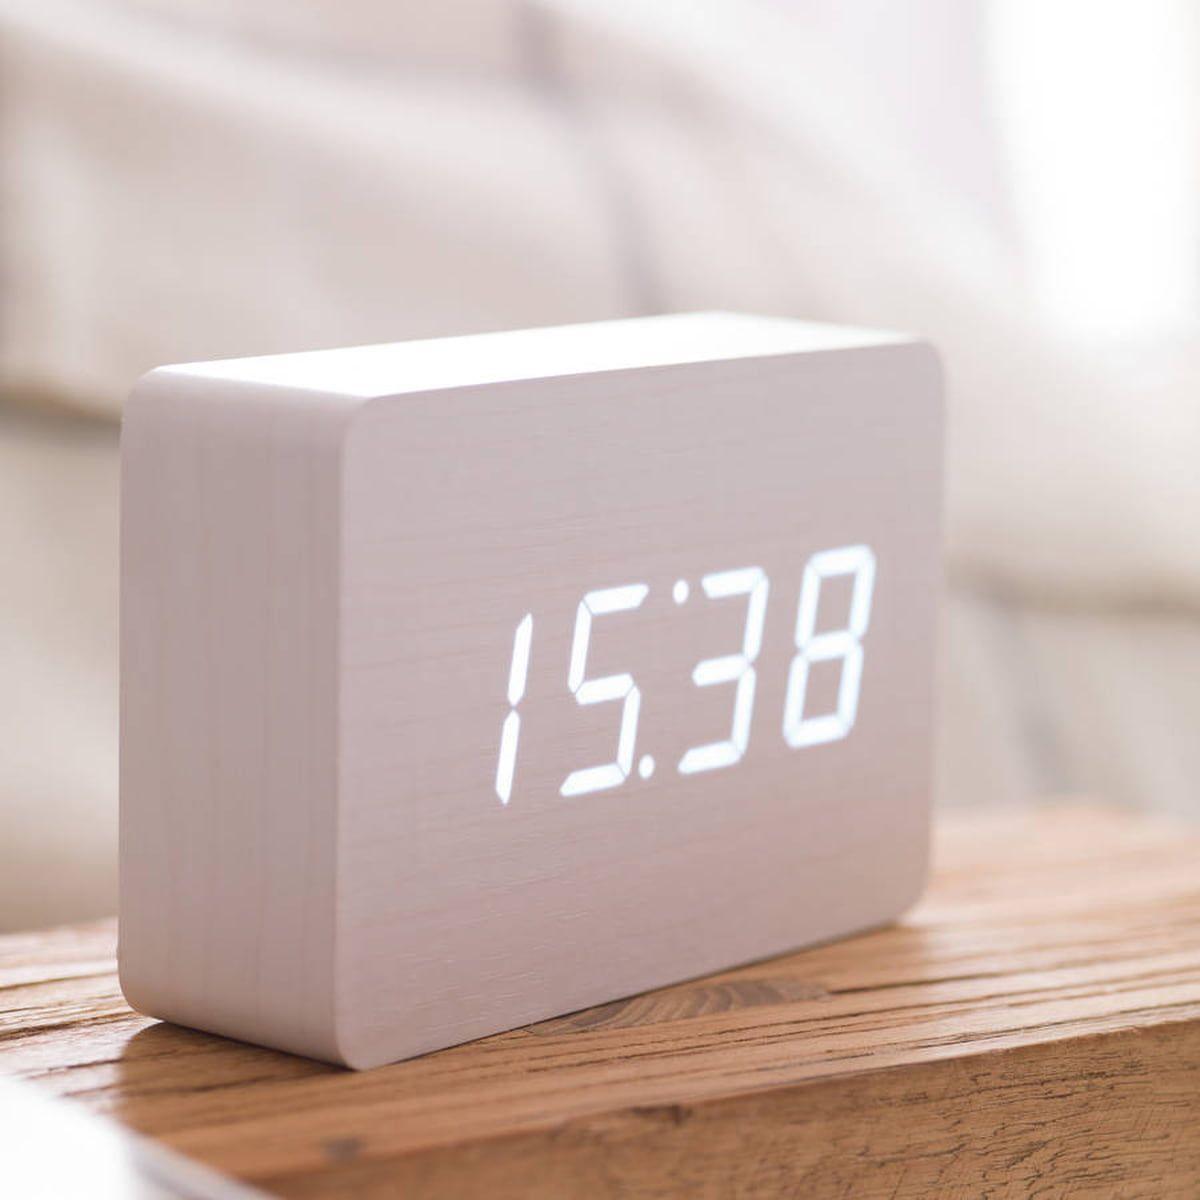 9 Schone Alternativen Zum Smartphone Wecker Refinery29 Wecker Design Wecker Uhrideen